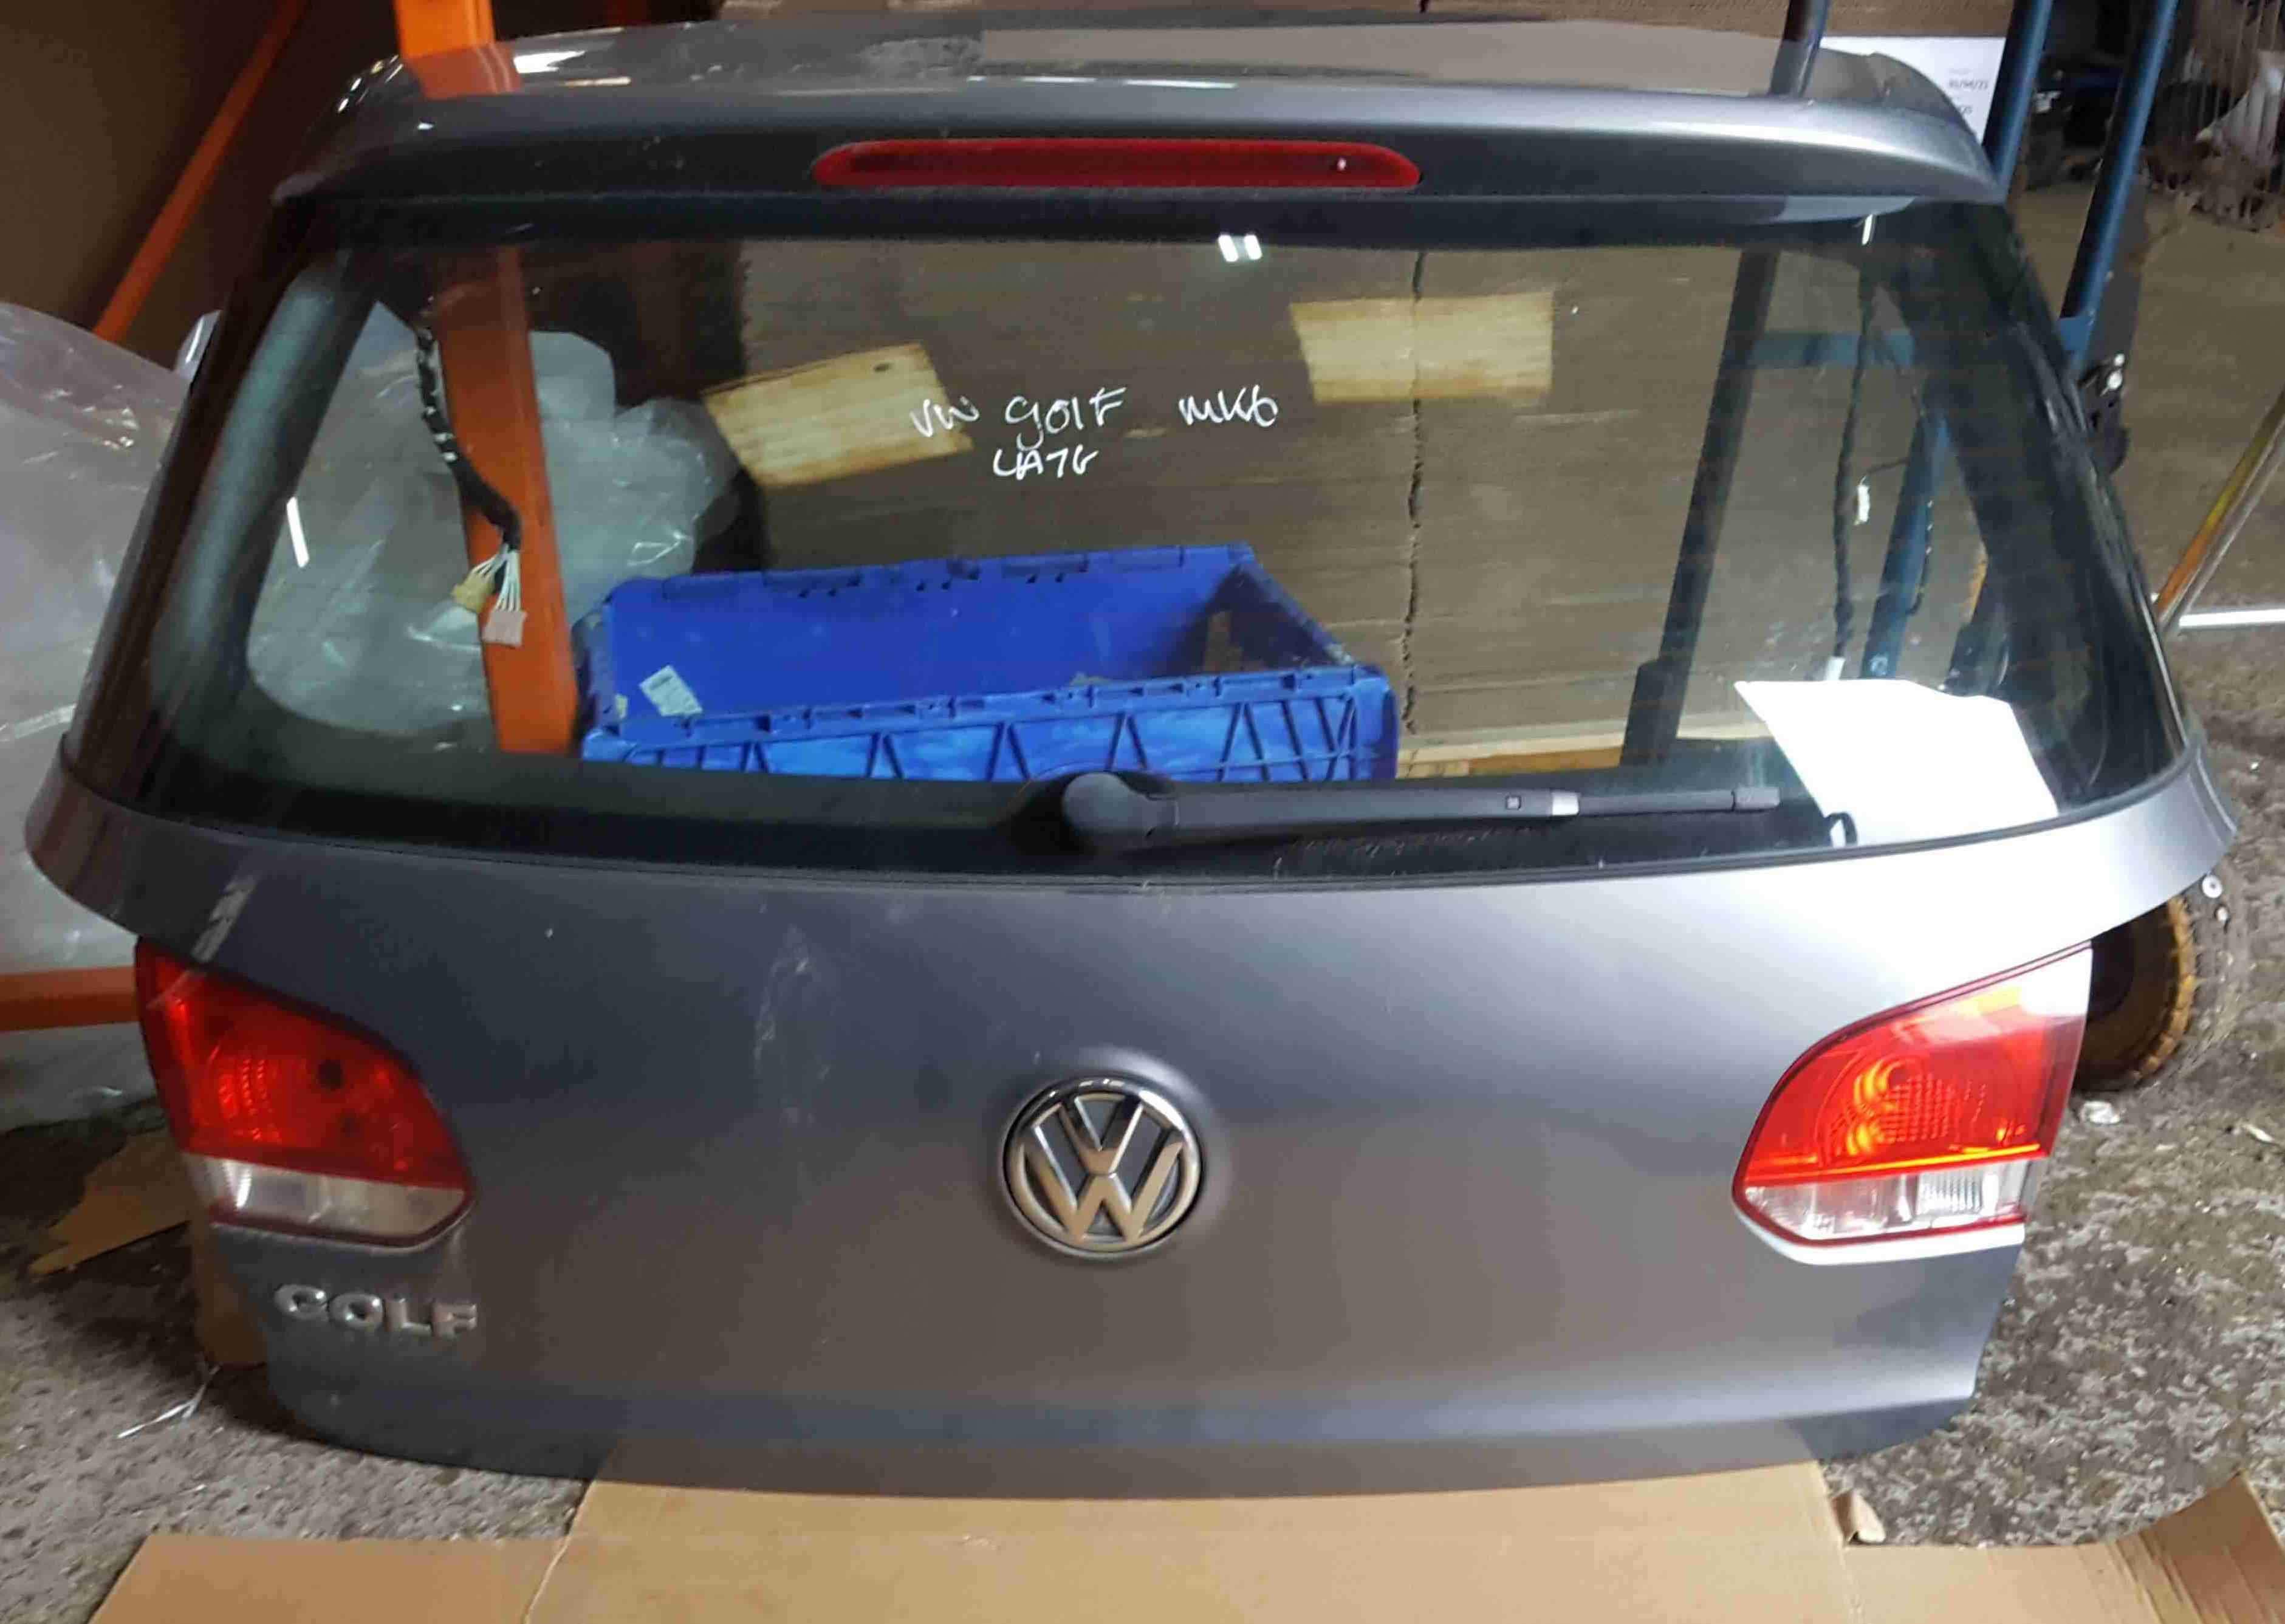 Volkswagen Golf MK6 2009-2012 Rear Boot Tailgate Grey LA7T